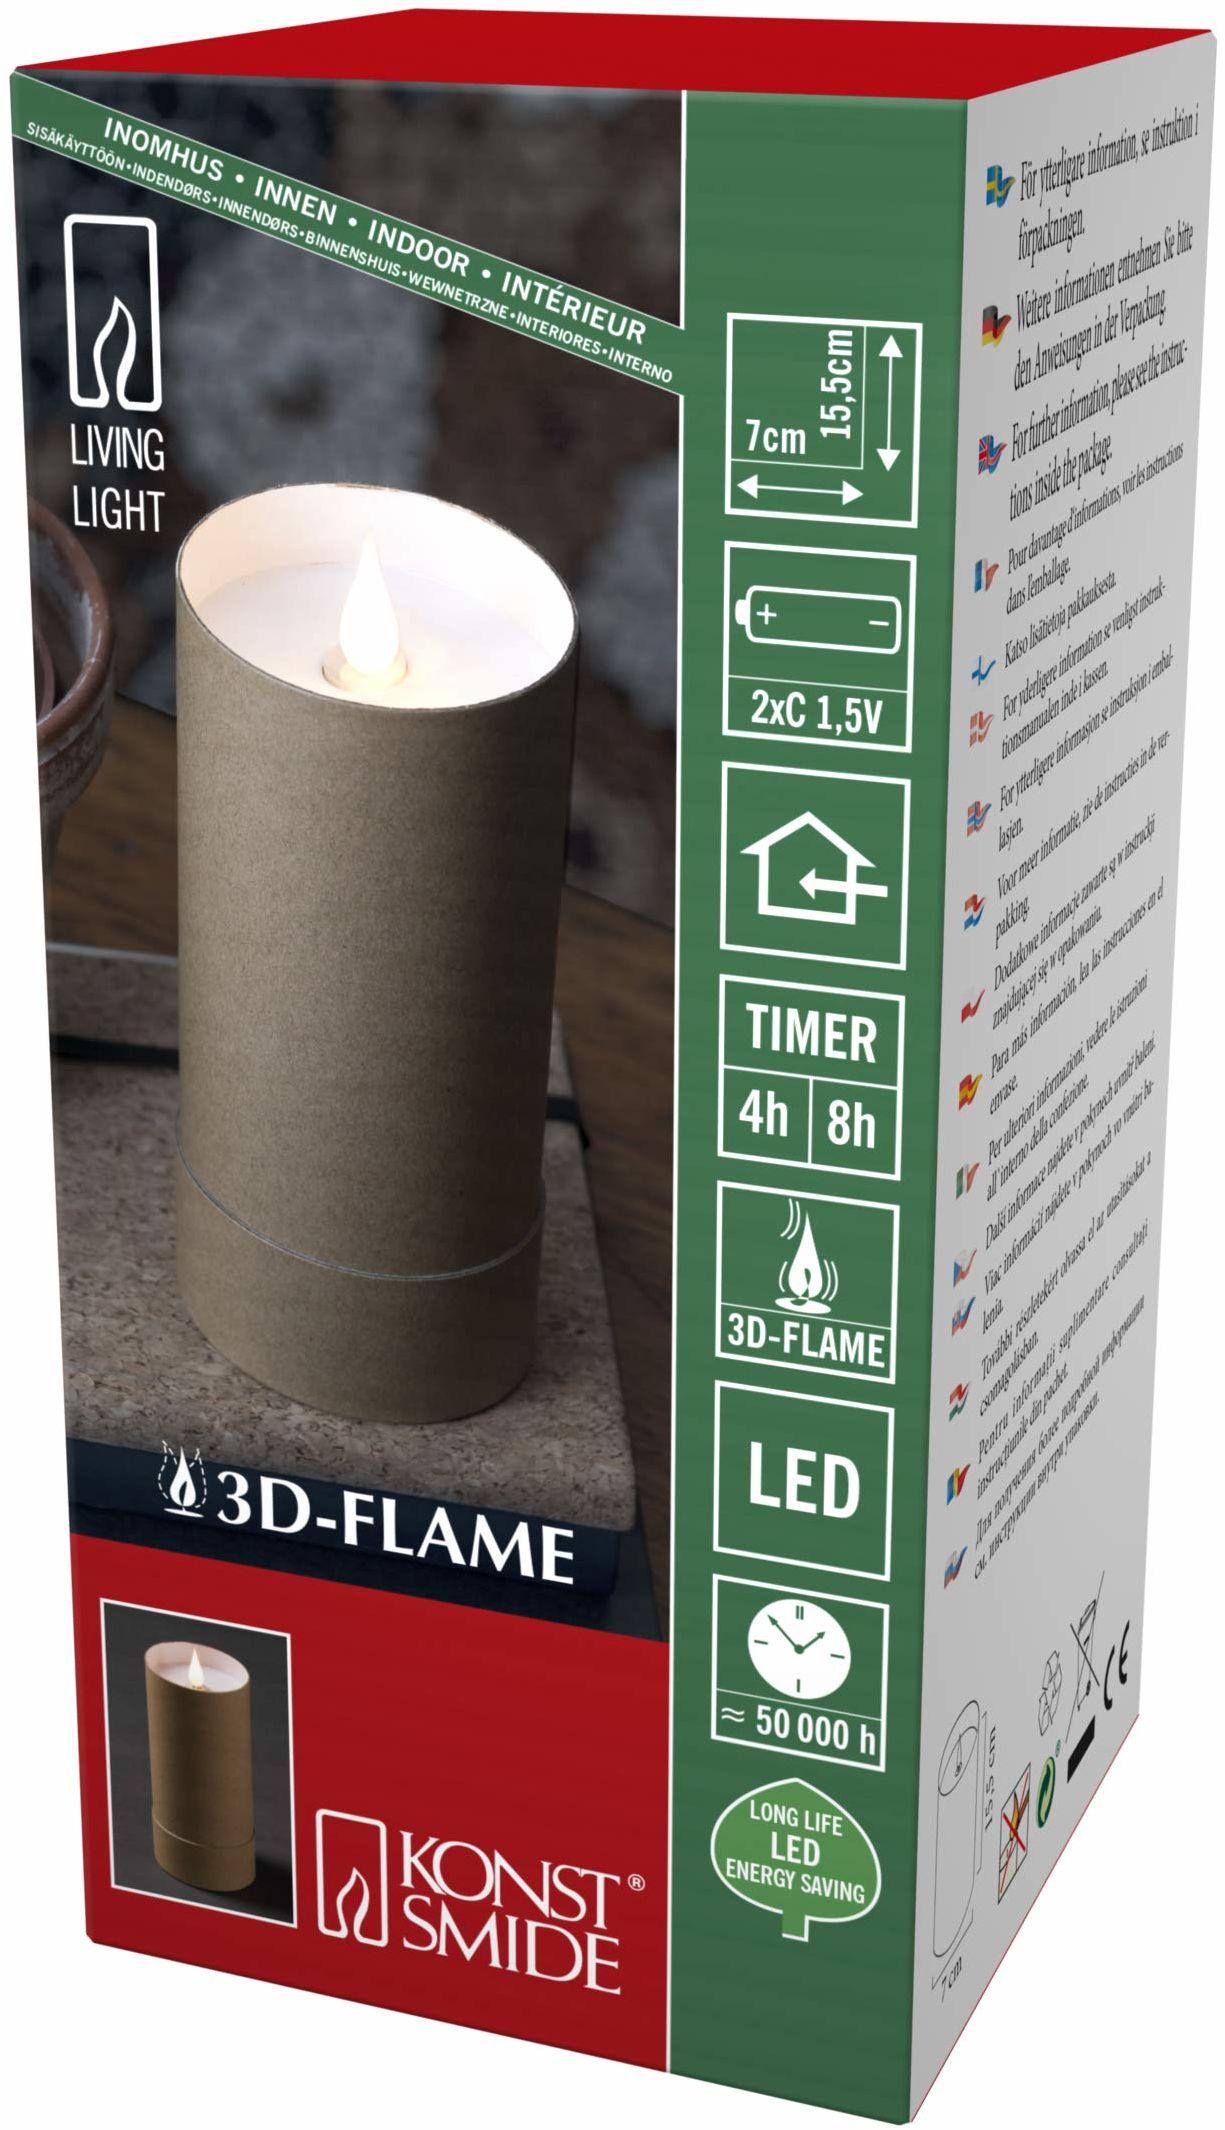 Konstsmide, 1880  605, świeca LED, biała, w brązowym cylindrze z pokrywką, płomień 3D, timer 4 h i 8 h, dioda o ciepłej białej barwie, zasilanie bateryjne, wewnątrz